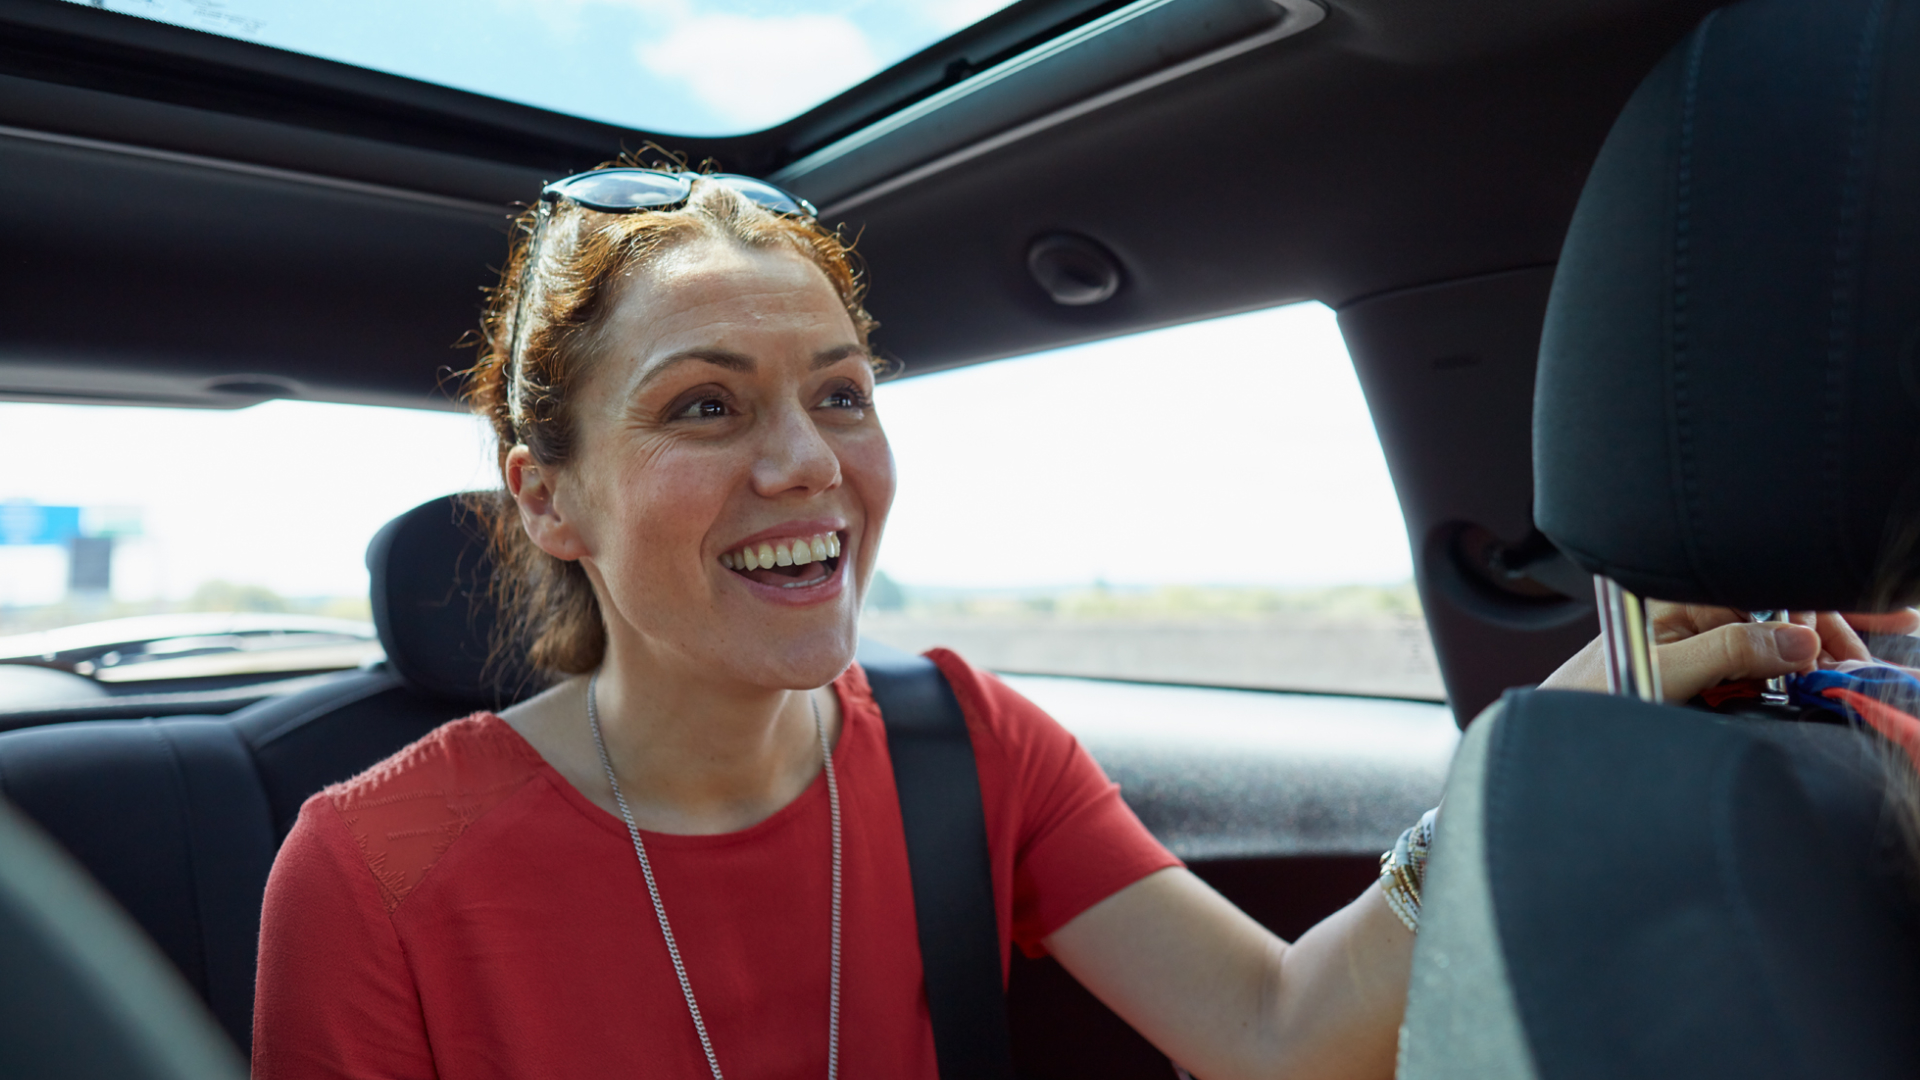 Riaprono le Regioni, si torna a viaggiare. BlaBlaCar introduce nuove misure di sicurezza.